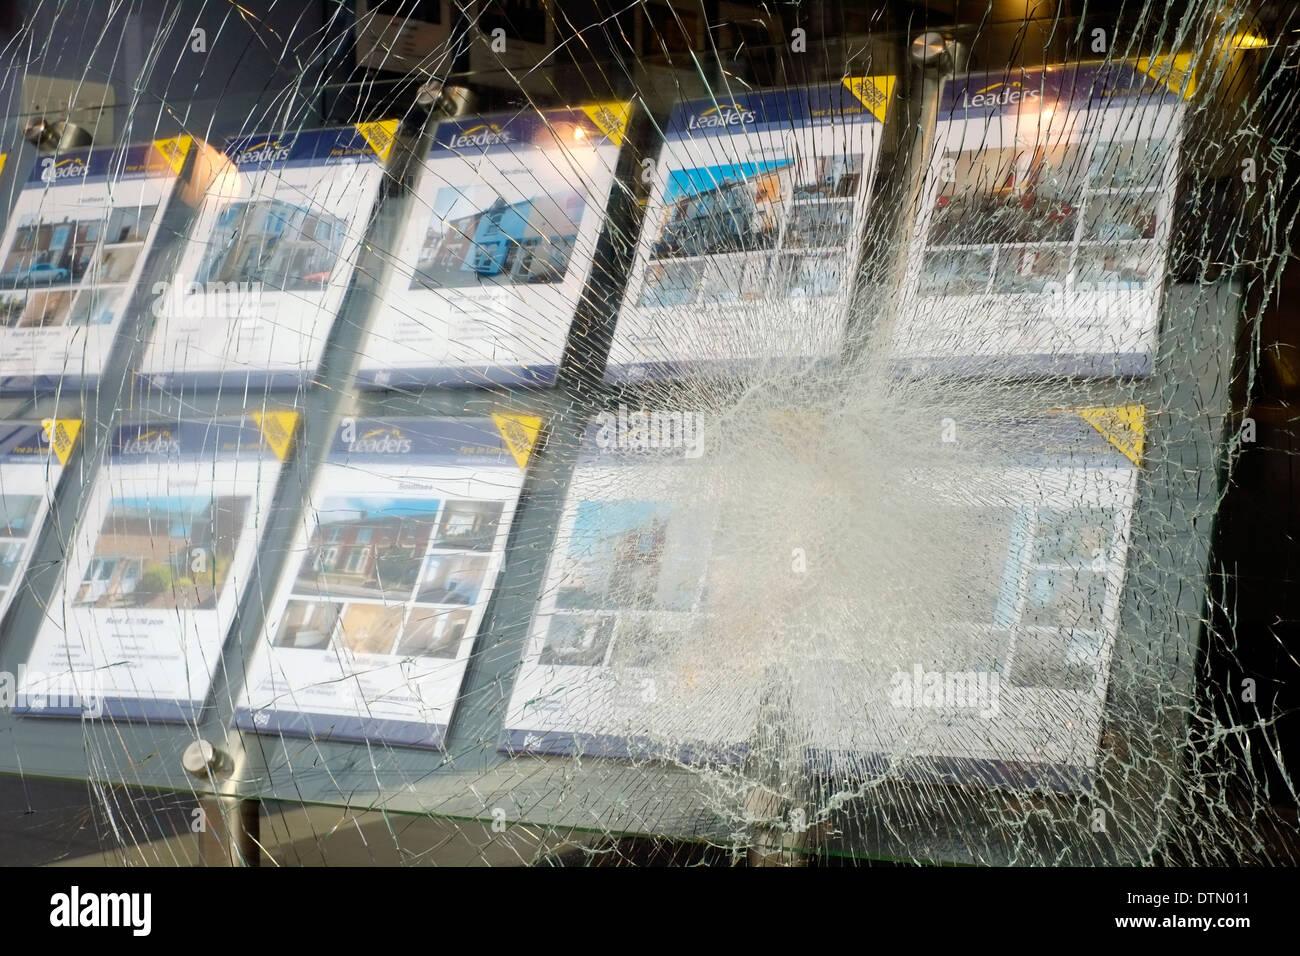 Smashed Shop Window Stock Photos Amp Smashed Shop Window